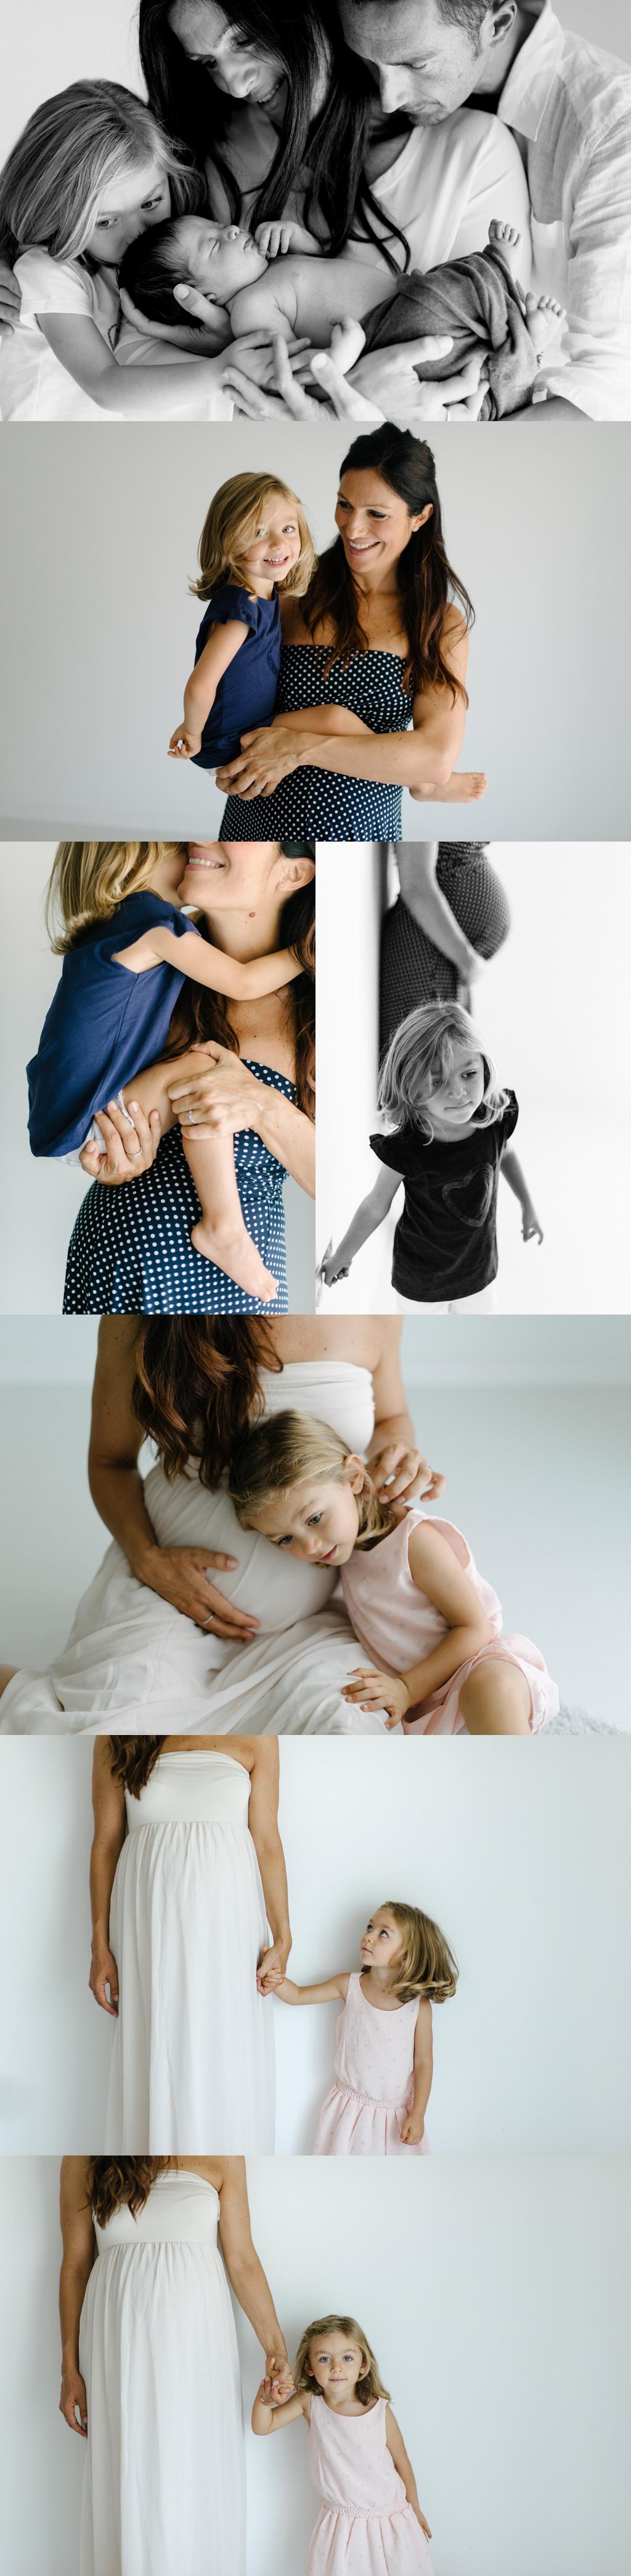 servizio fotografico maternity cervia milano marittima